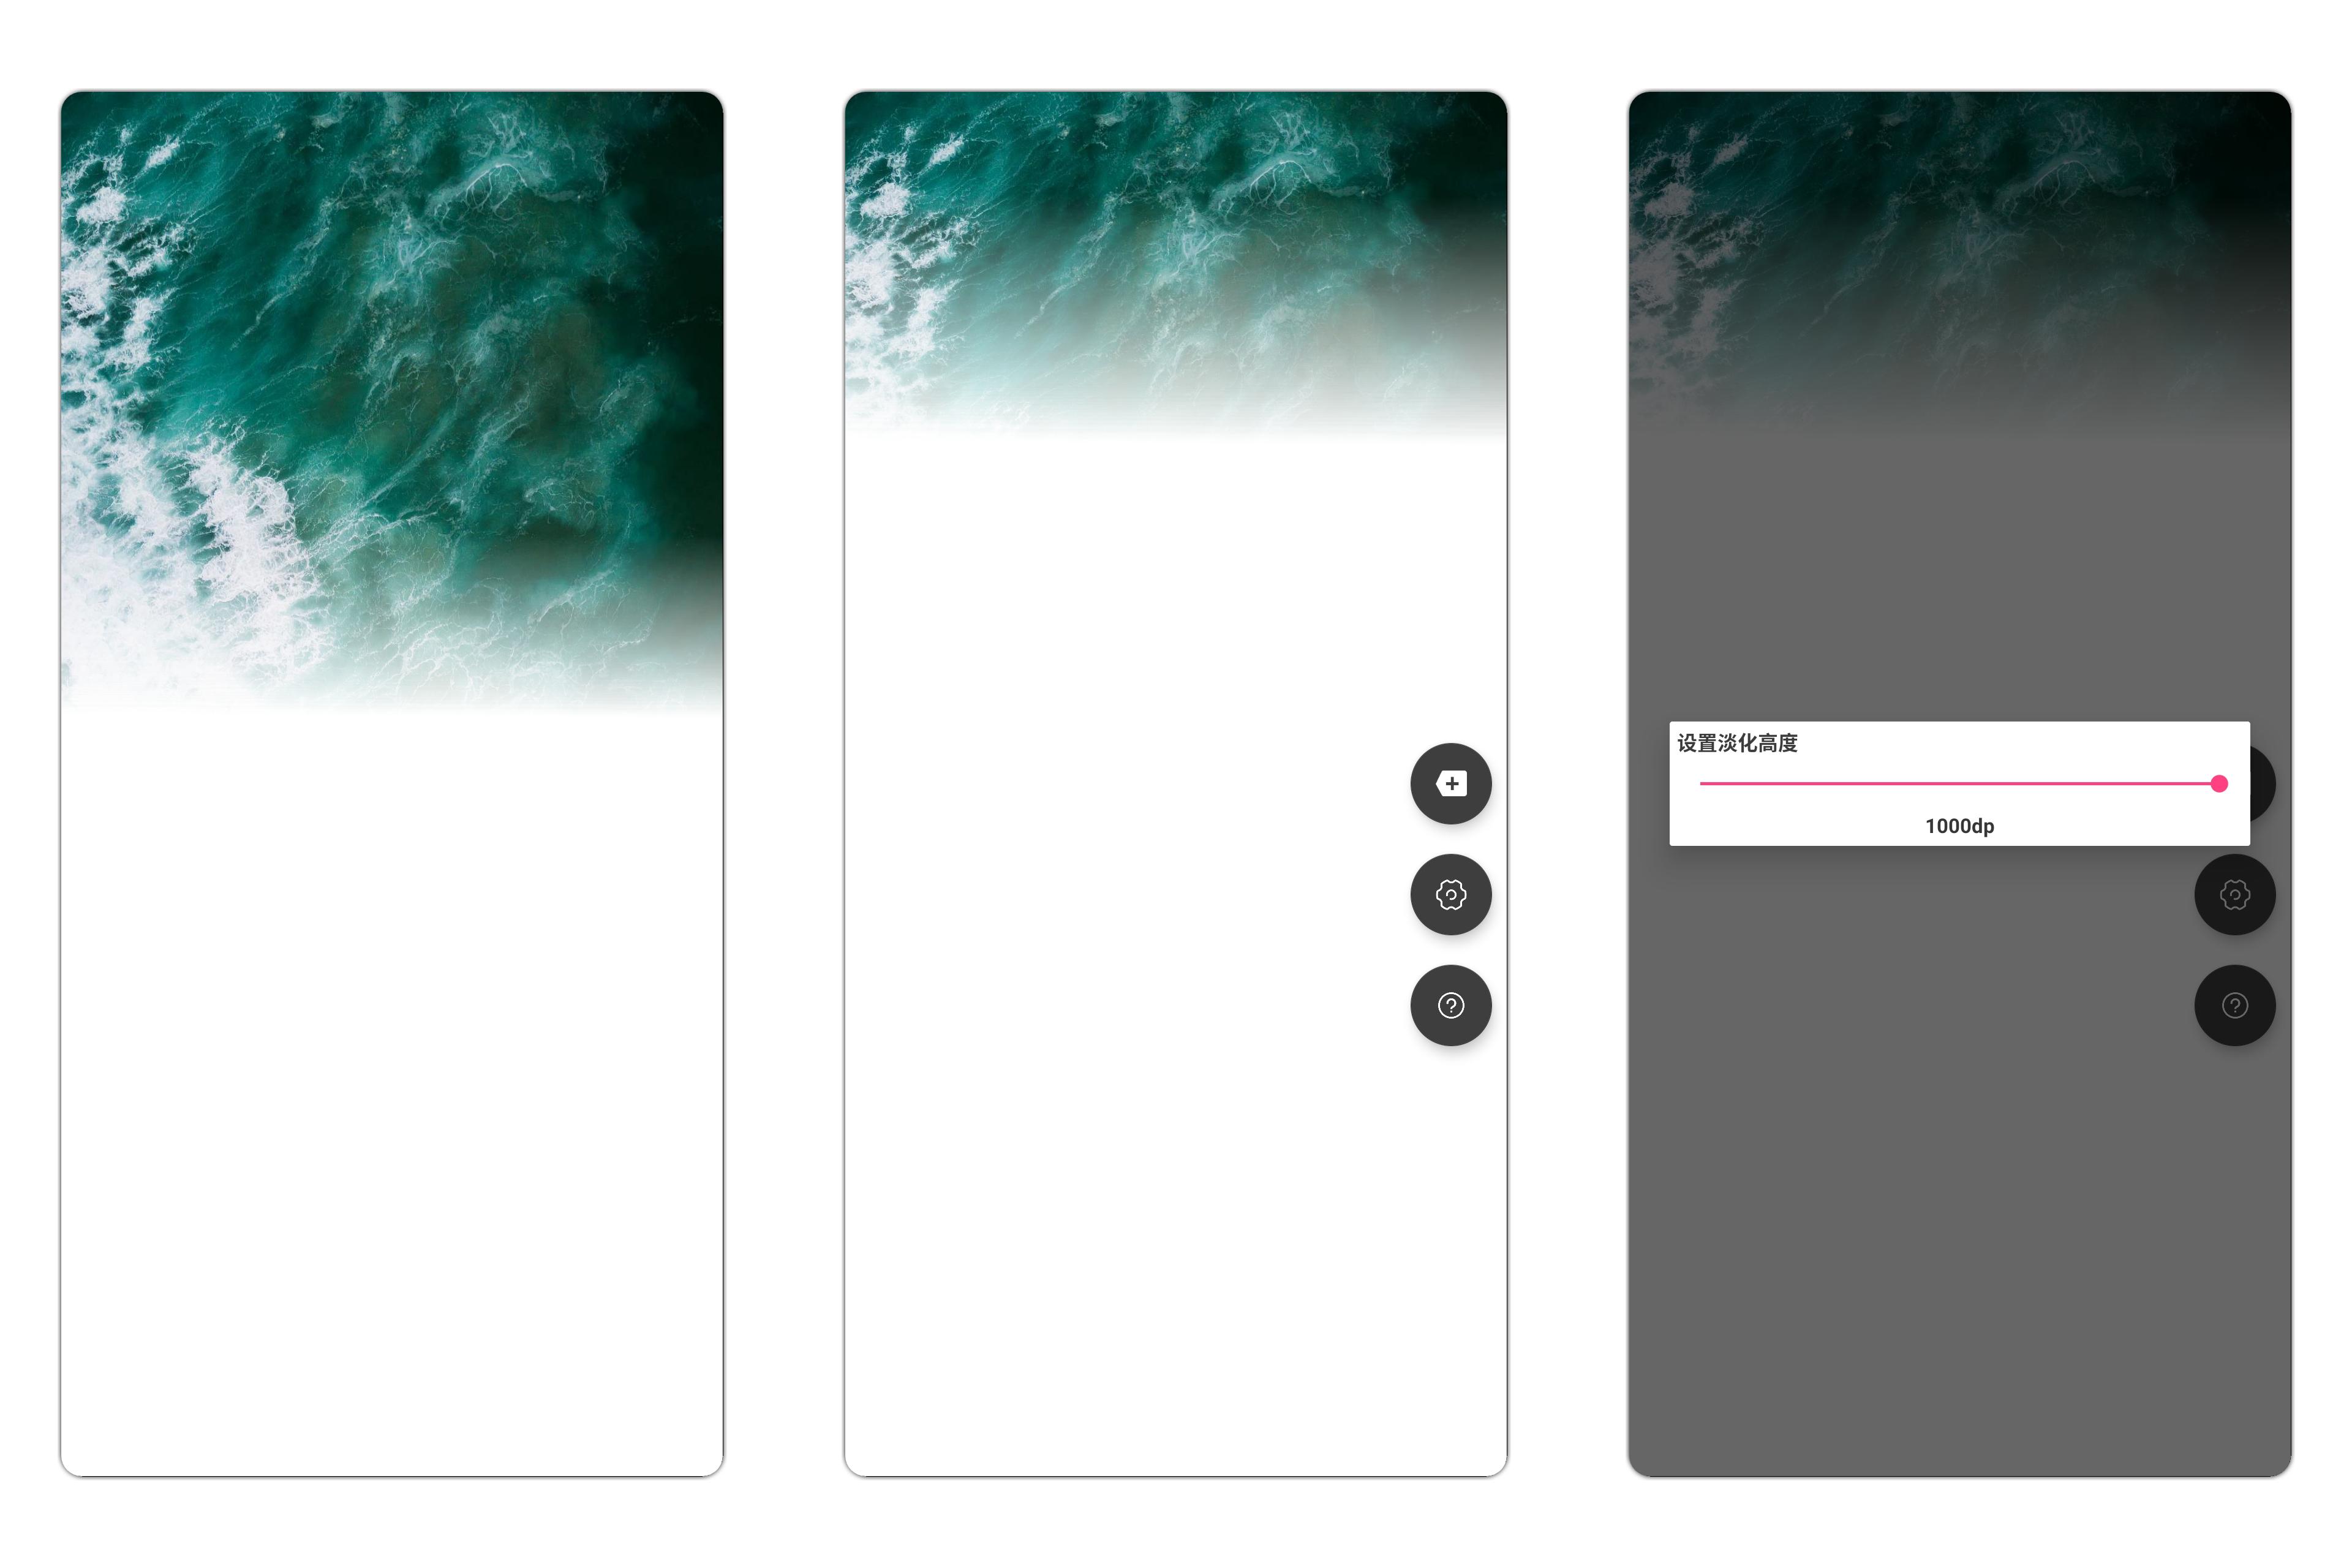 淡化壁纸生成 自定义淡化图片高度